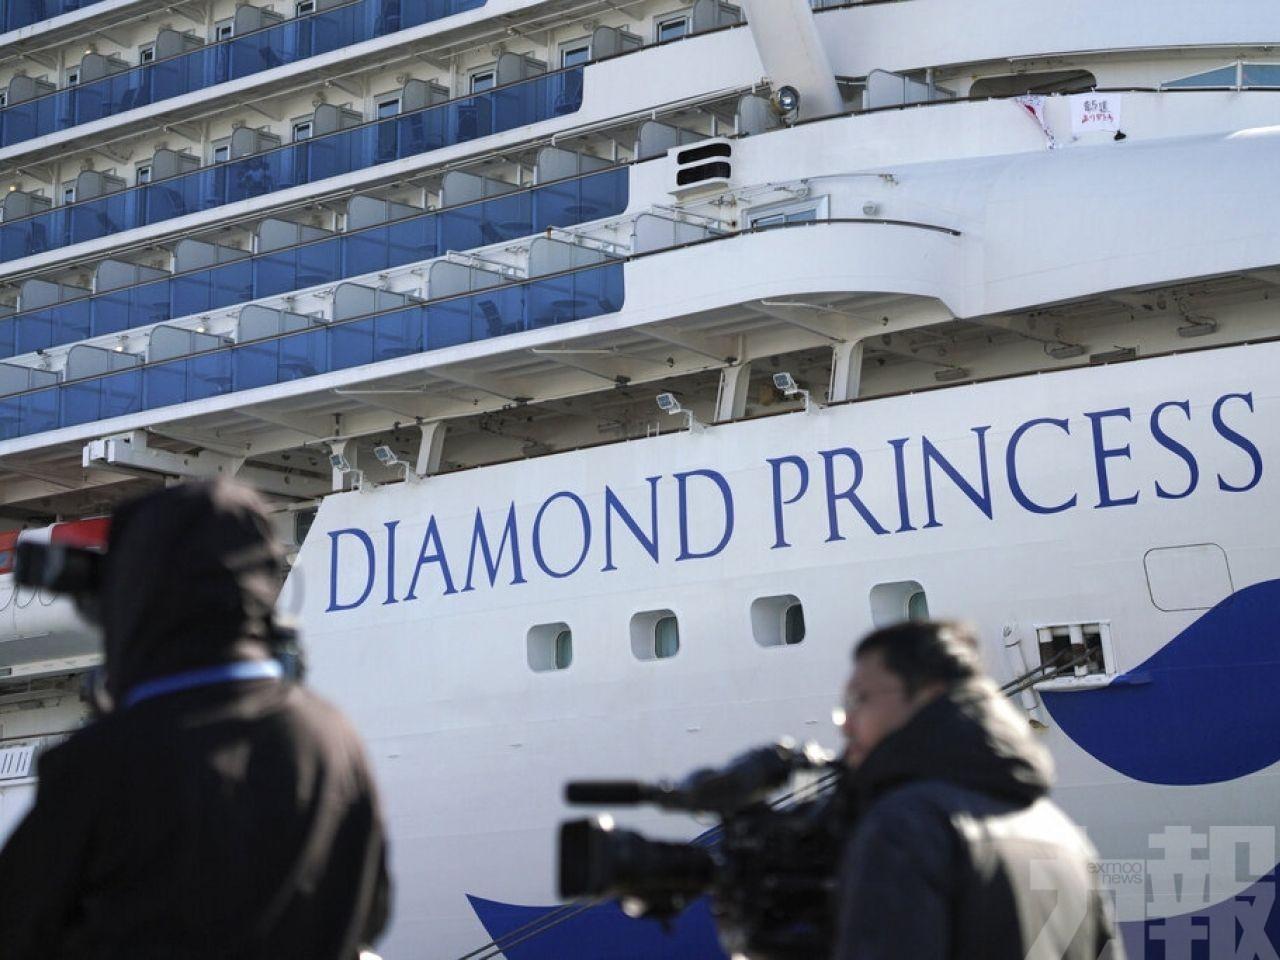 日政府據報容許鑽石公主號部分乘客落船